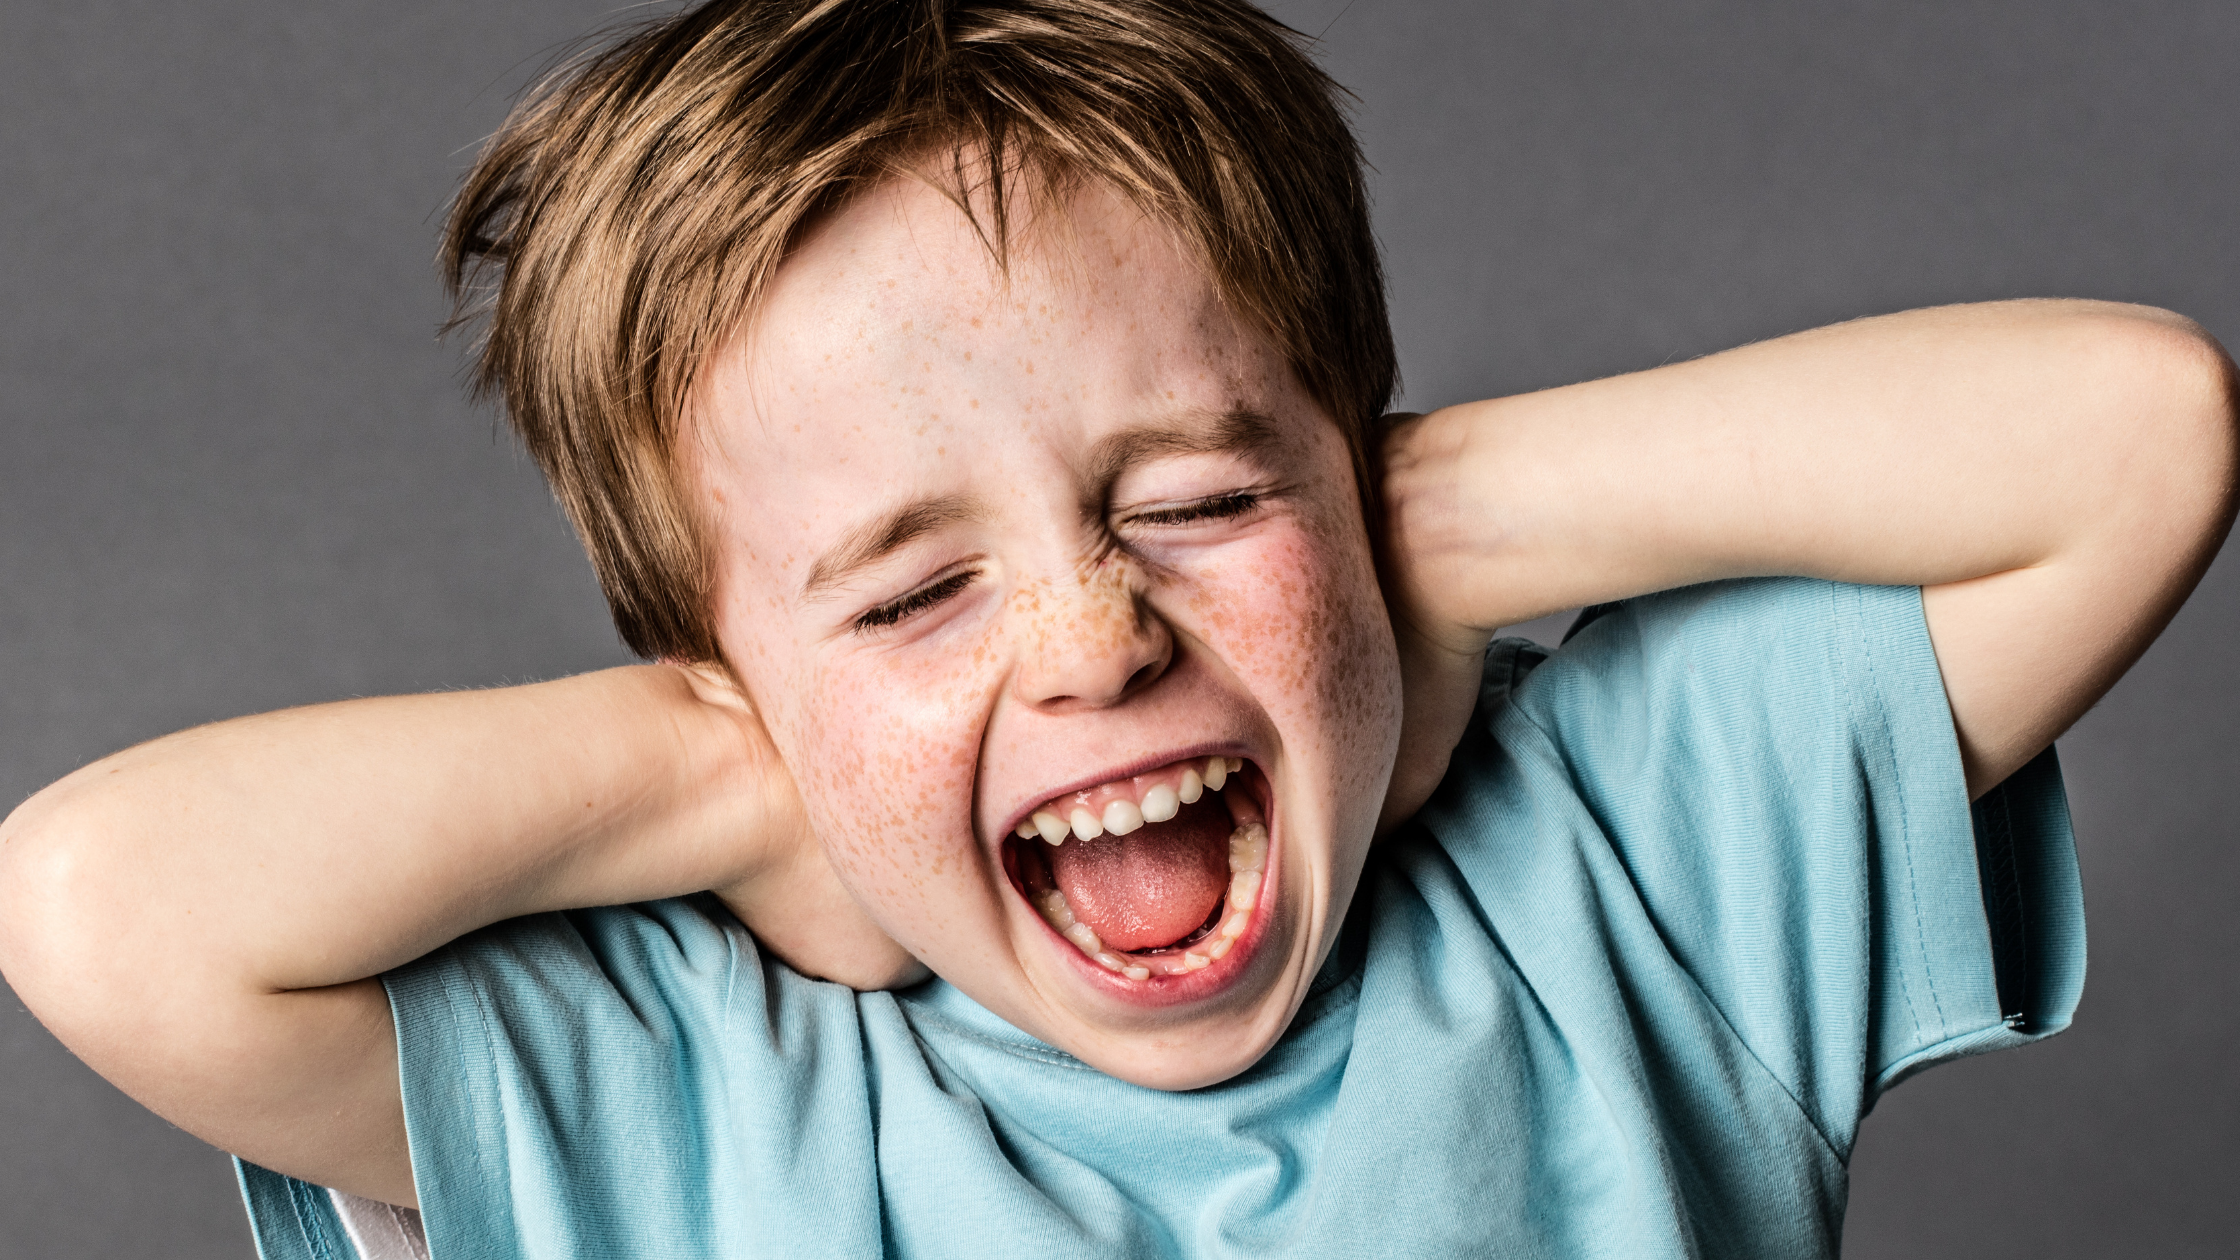 孩子不聽話時的處理方法